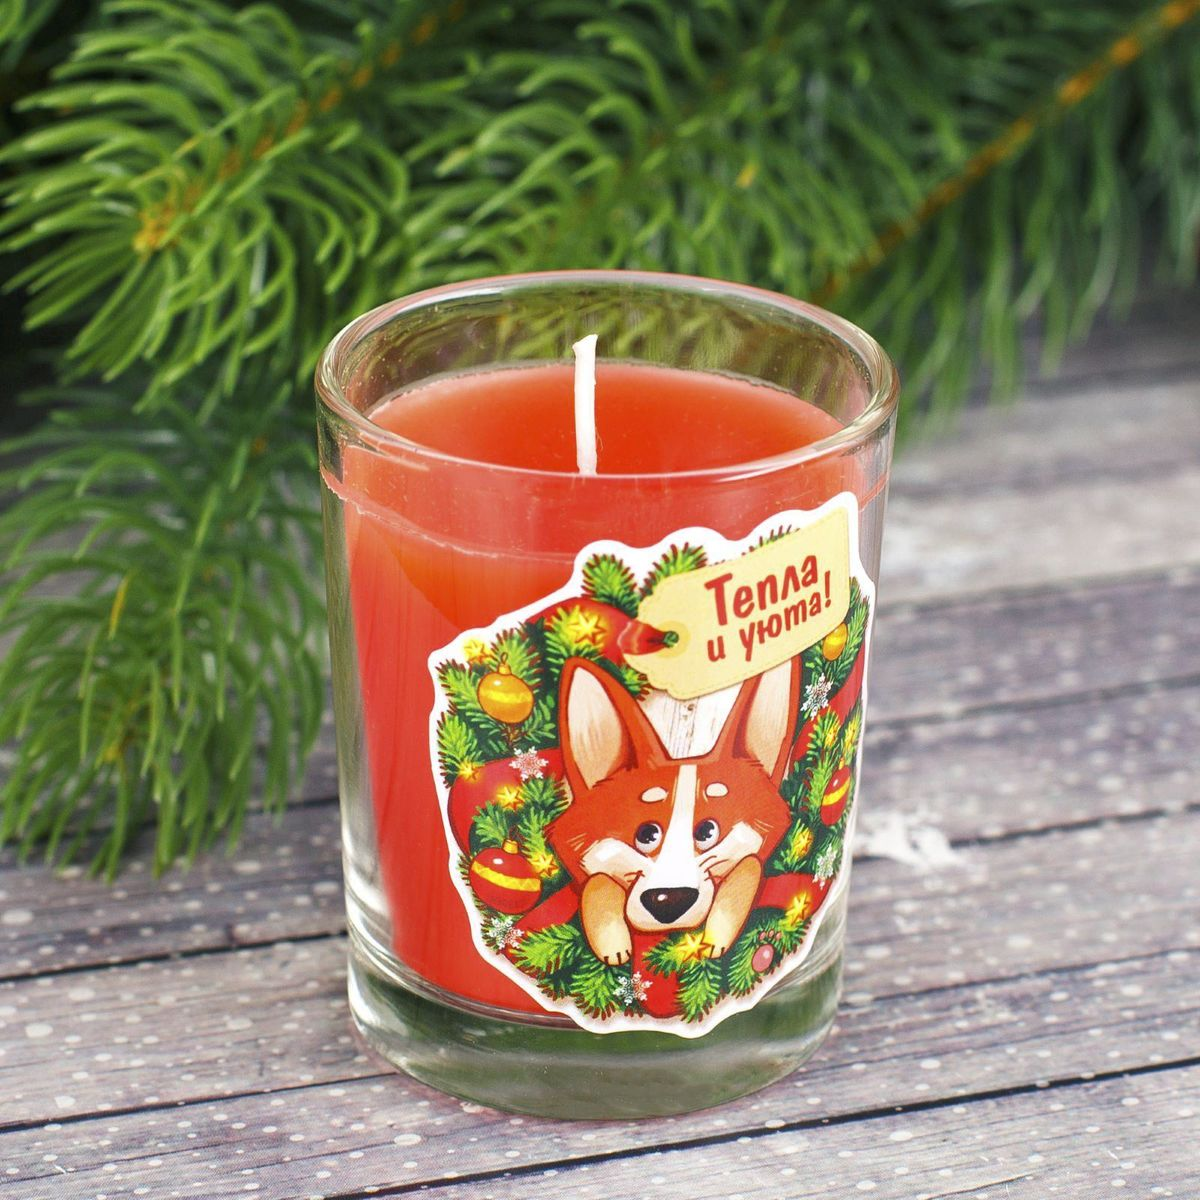 Свеча ароматизированная Sima-land Тепла и уюта, цвет: красный, высота 6,5 см2085646Какой новогодний стол без свечей? Вместе с мандаринами, шампанским и еловыми ветвями они создадут сказочную атмосферу, а их притягательное пламя подарит ощущение уюта и тепла. А еще это отличная идея для подарка! Свеча ароматизированная в стакане Sima-land оградит от невзгод и поможет во всех начинаниях в будущем году. Каждому хозяину периодически приходит мысль обновить свою квартиру, сделать ремонт, перестановку или кардинально поменять внешний вид каждой комнаты. Свеча ароматизированная в стакане Sima-land - привлекательная деталь, которая поможет воплотить вашу интерьерную идею, создать неповторимую атмосферу в вашем доме. Окружите себя приятными мелочами, пусть они радуют глаз и дарят гармонию. Ароматизированная свеча Sima-land несет в себе волшебство и красоту праздника. Такое украшение создаст в вашем доме атмосферу праздника, веселья и радости.